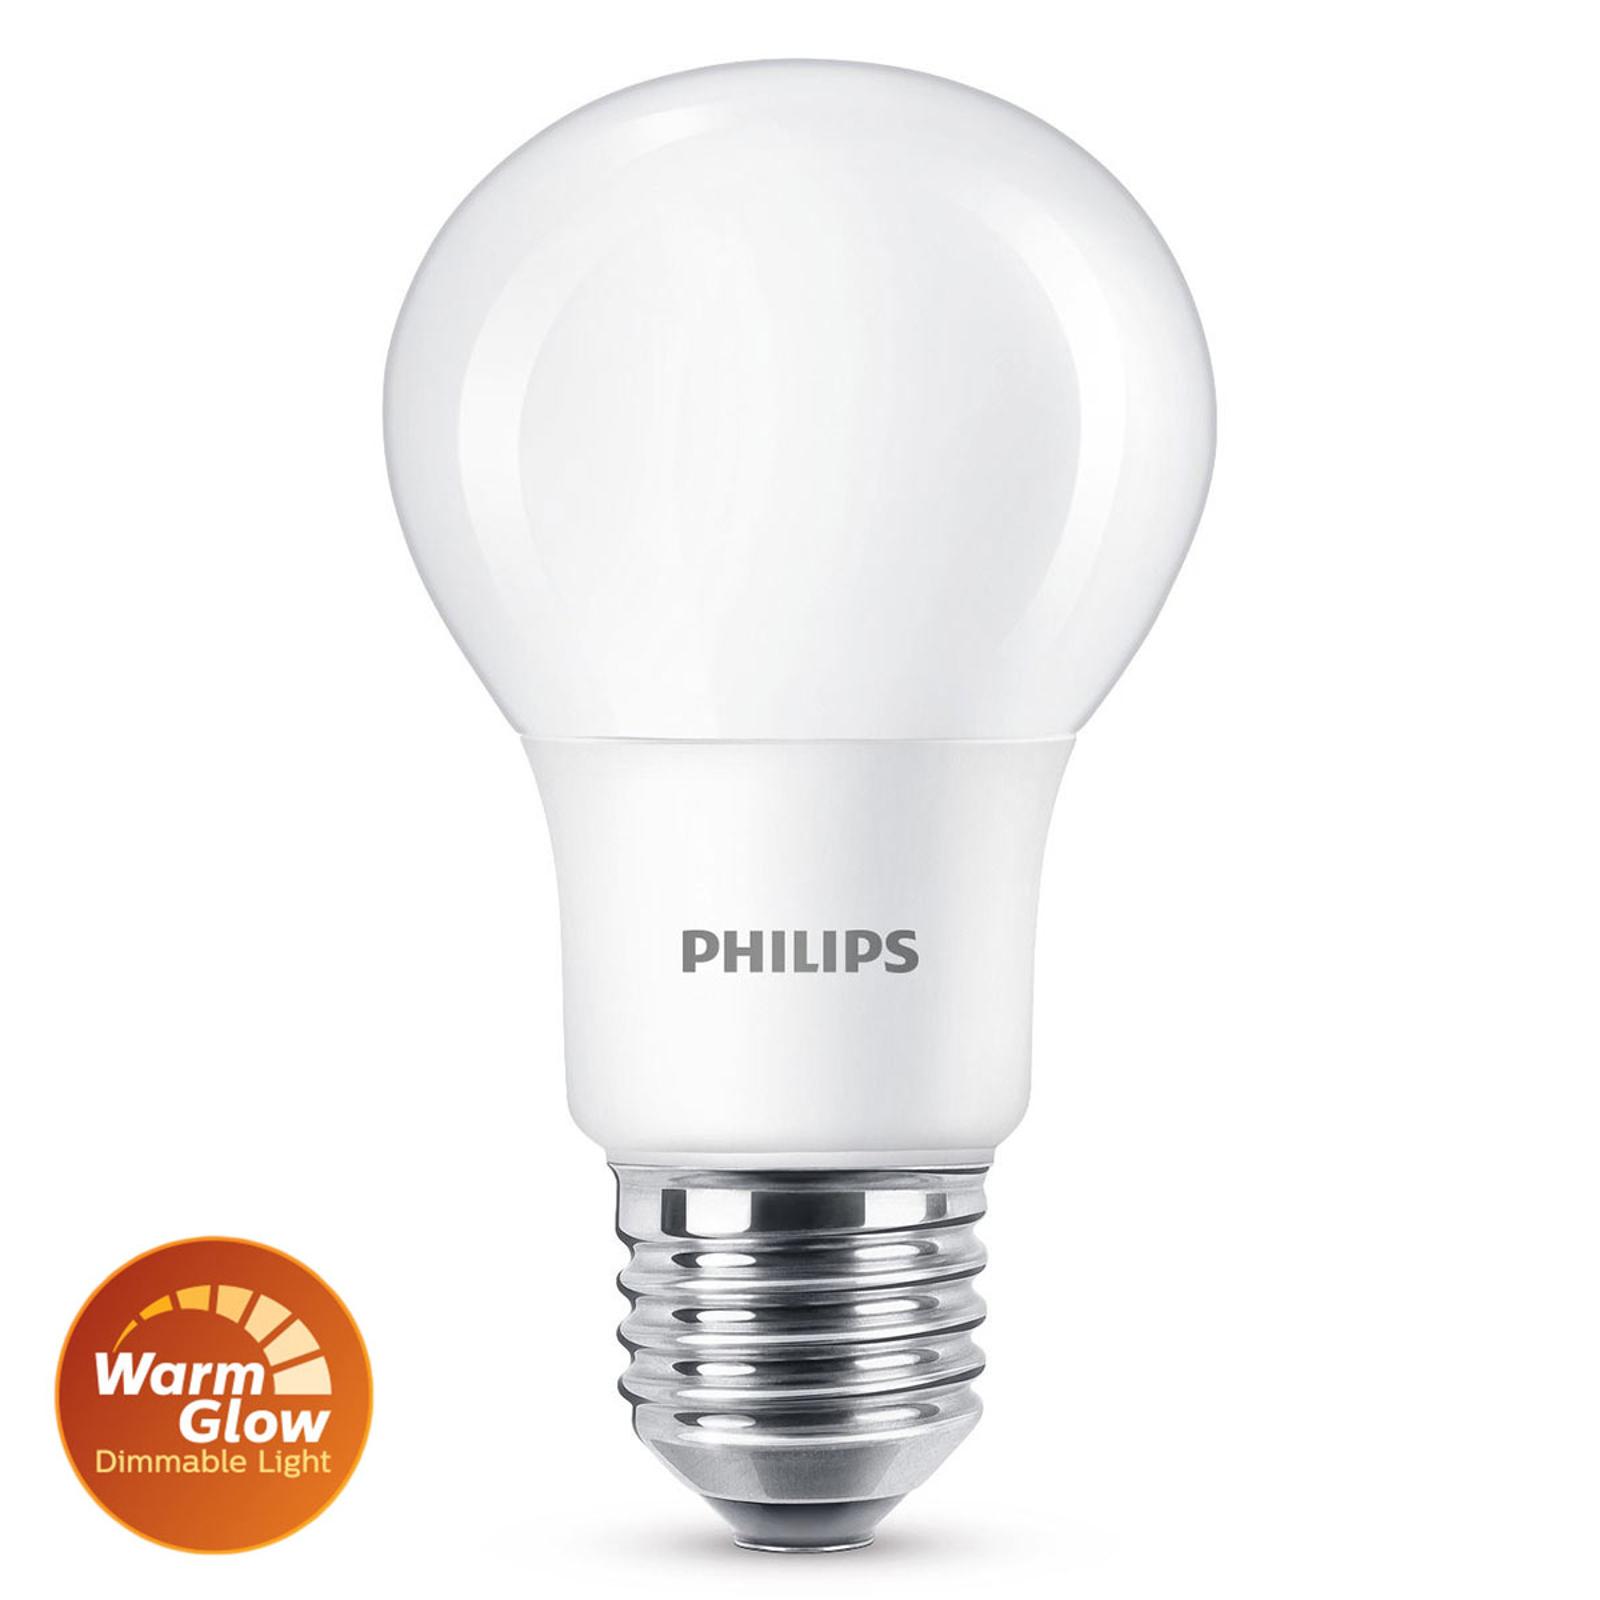 Philips E27 żarówka LED WarmGlow 5 W matowa